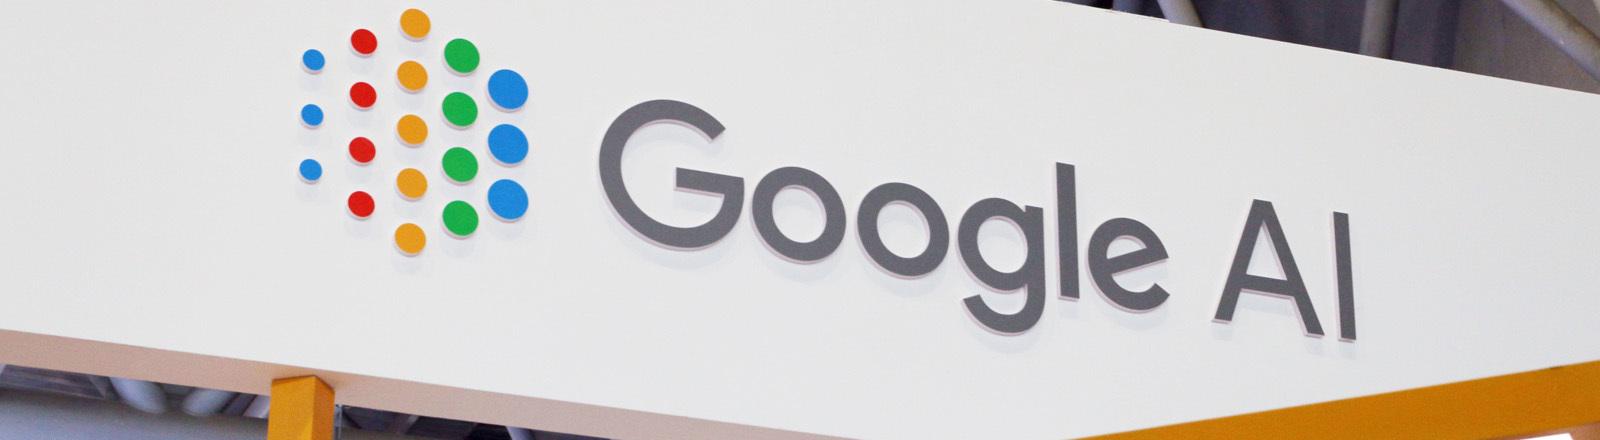 """Ein Schriftzug, auf dem """"Google AI"""" steht"""